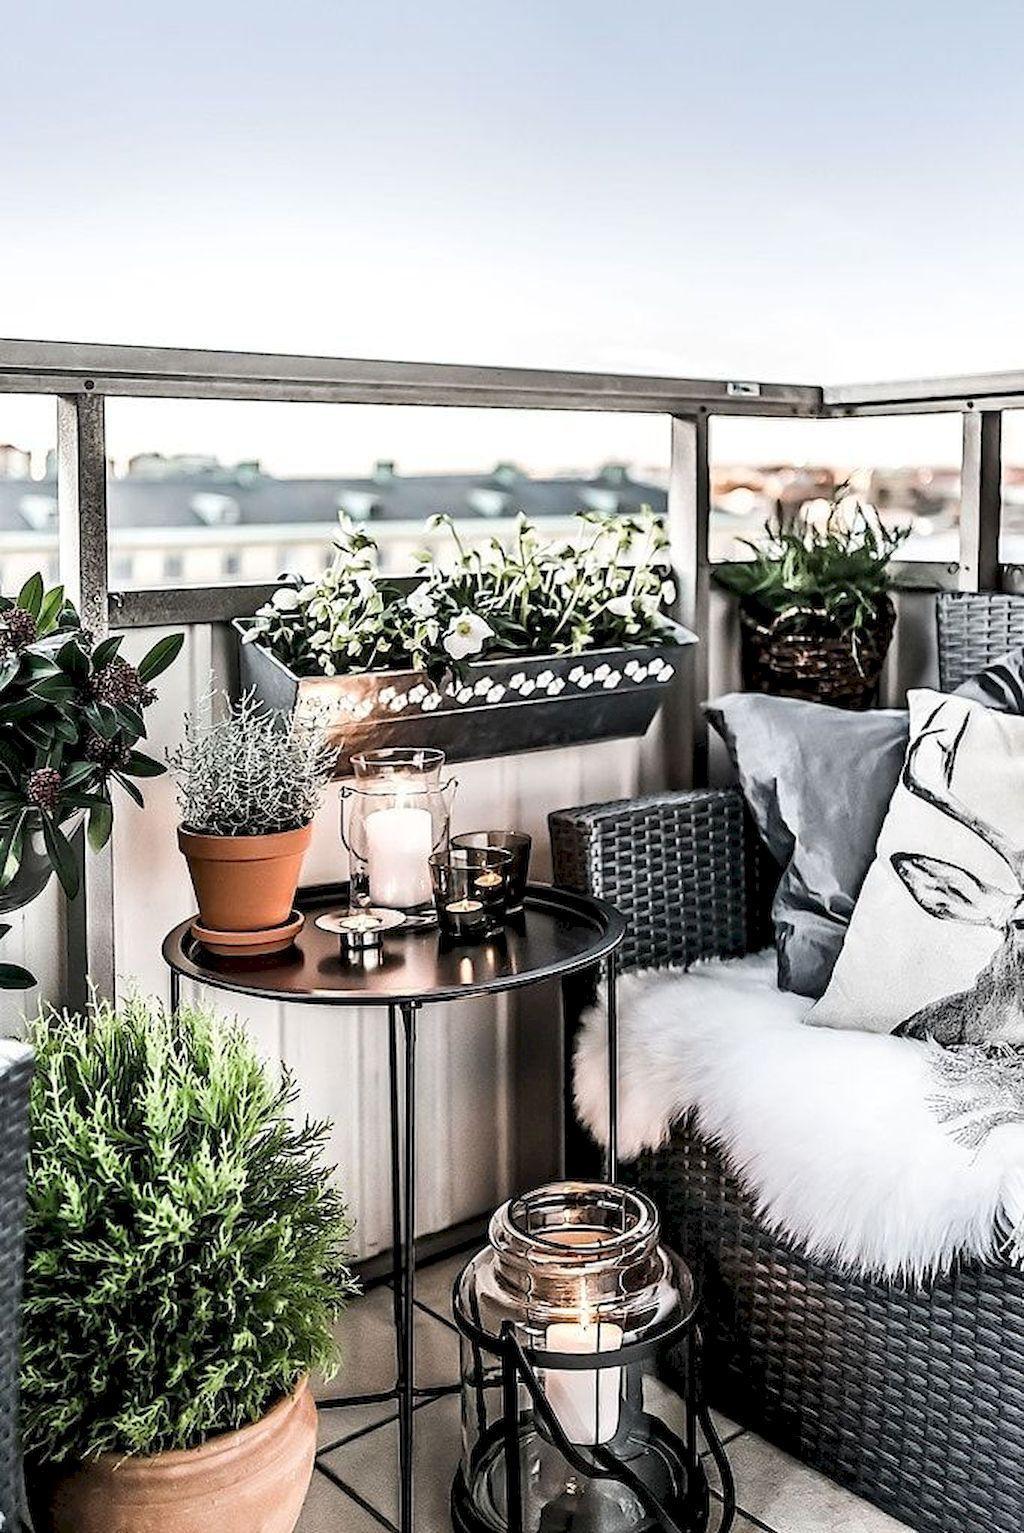 35 Diy Small Apartment Balcony Garden Ideas 34